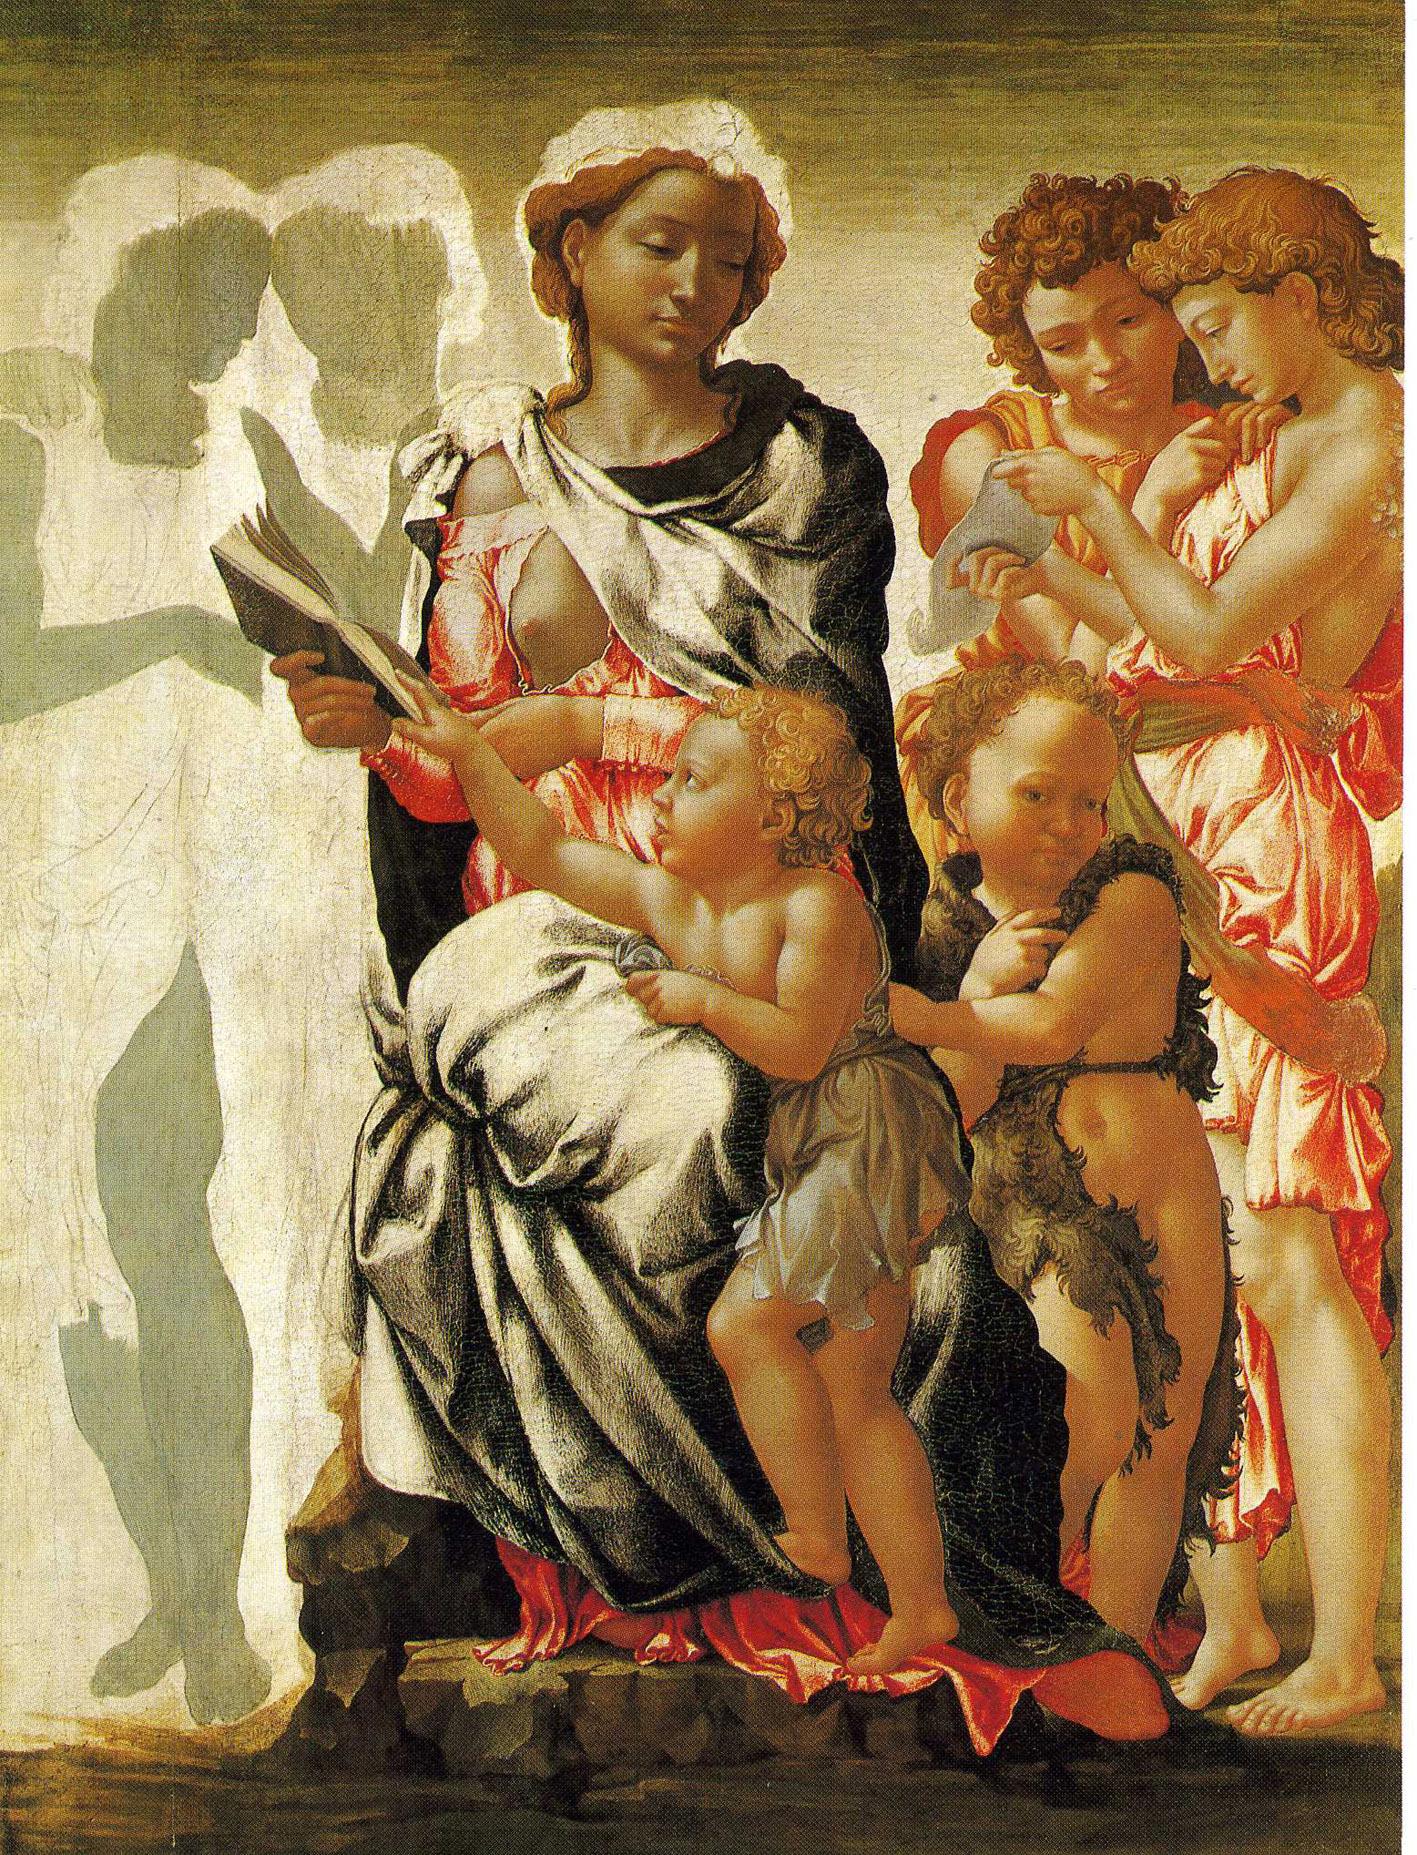 """Michelangelo Buonarroti (1475–1564): """"Maria mit Jesus- und Johannesknaben (Madonna Manchester)"""", unvollendet, um 1497, Tempera/Holz, mit partieller Untermalung bei Inkarnatpartien auf weißer Grundierung (Abb.: National Gallery, London; wikimedia commons)."""